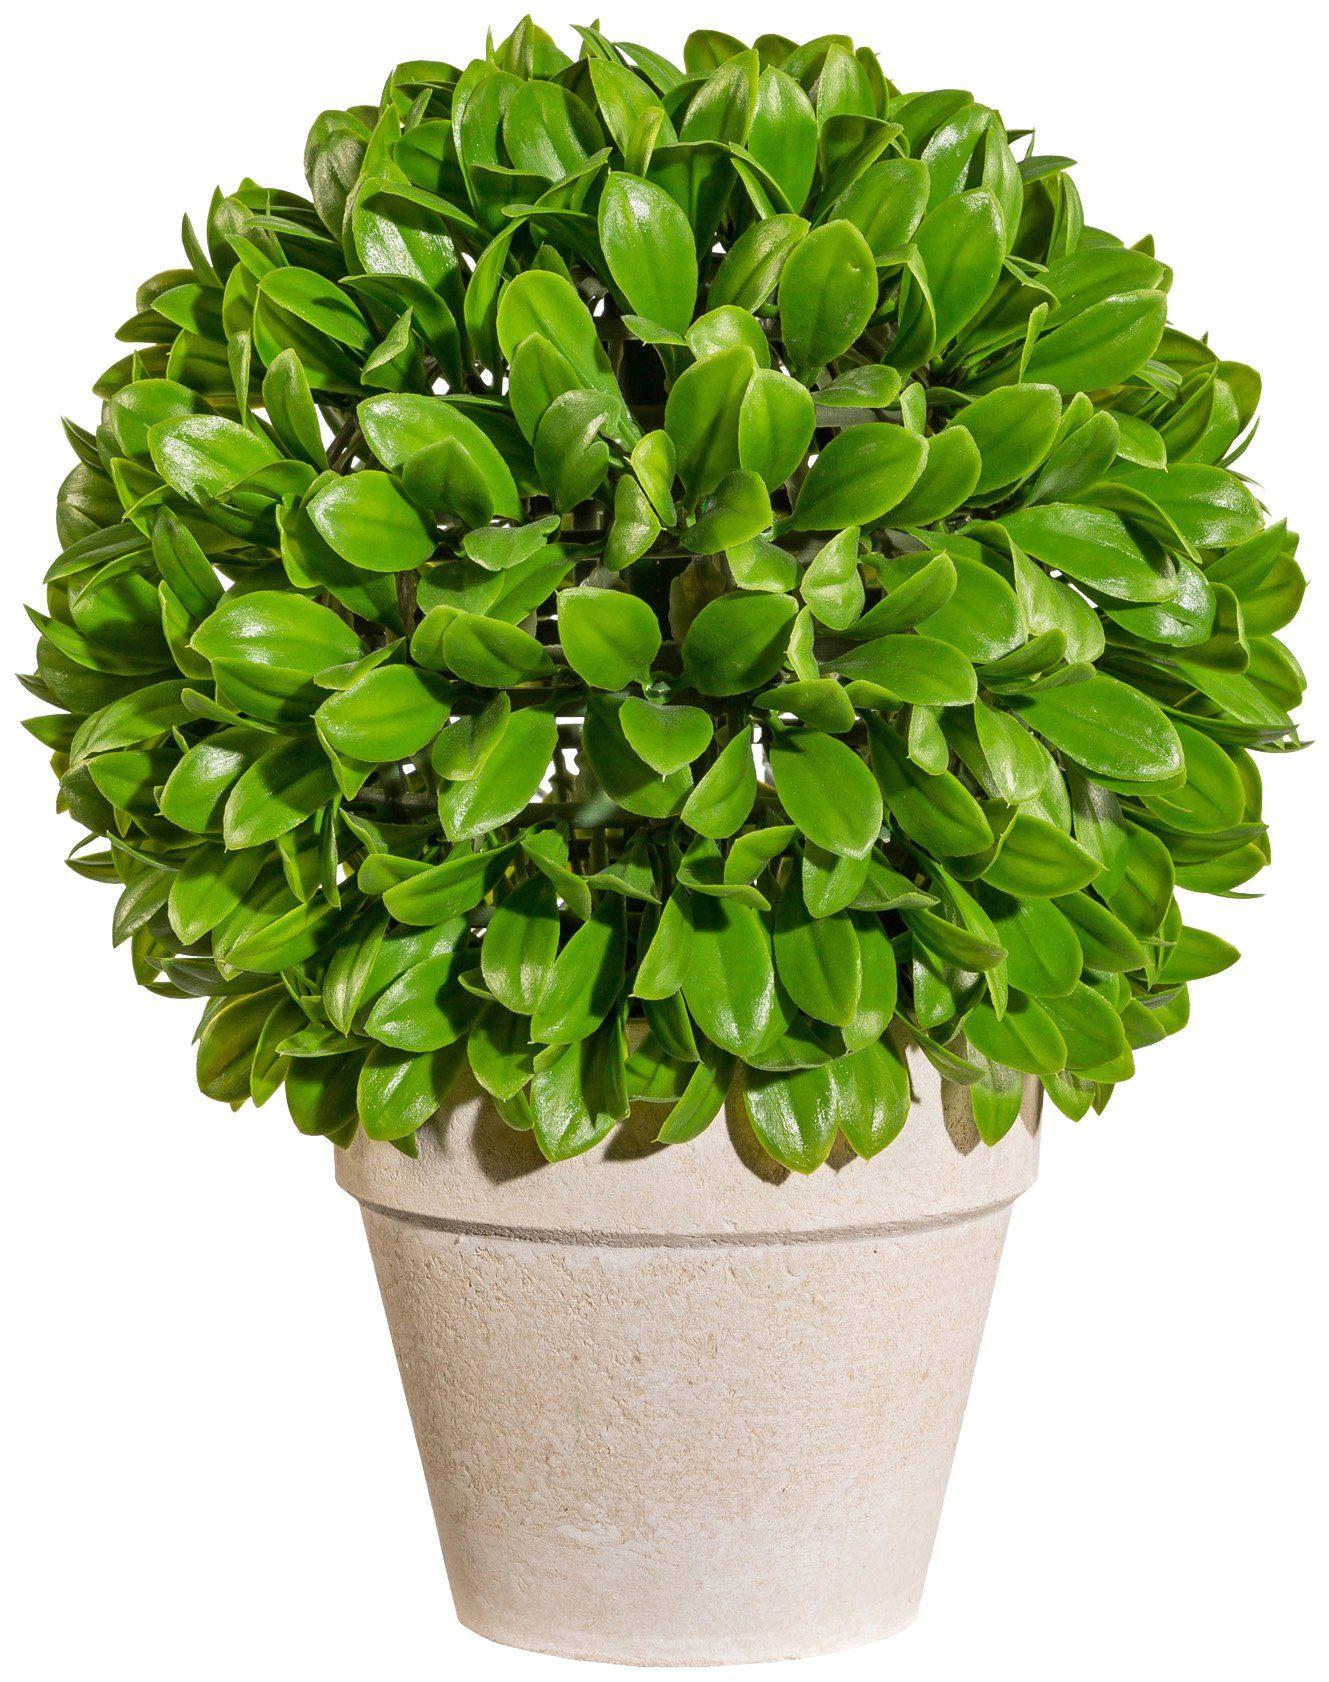 Kunstpflanze »Blattbusch Kugel«, im Papiertopf, Höhe 32 cm